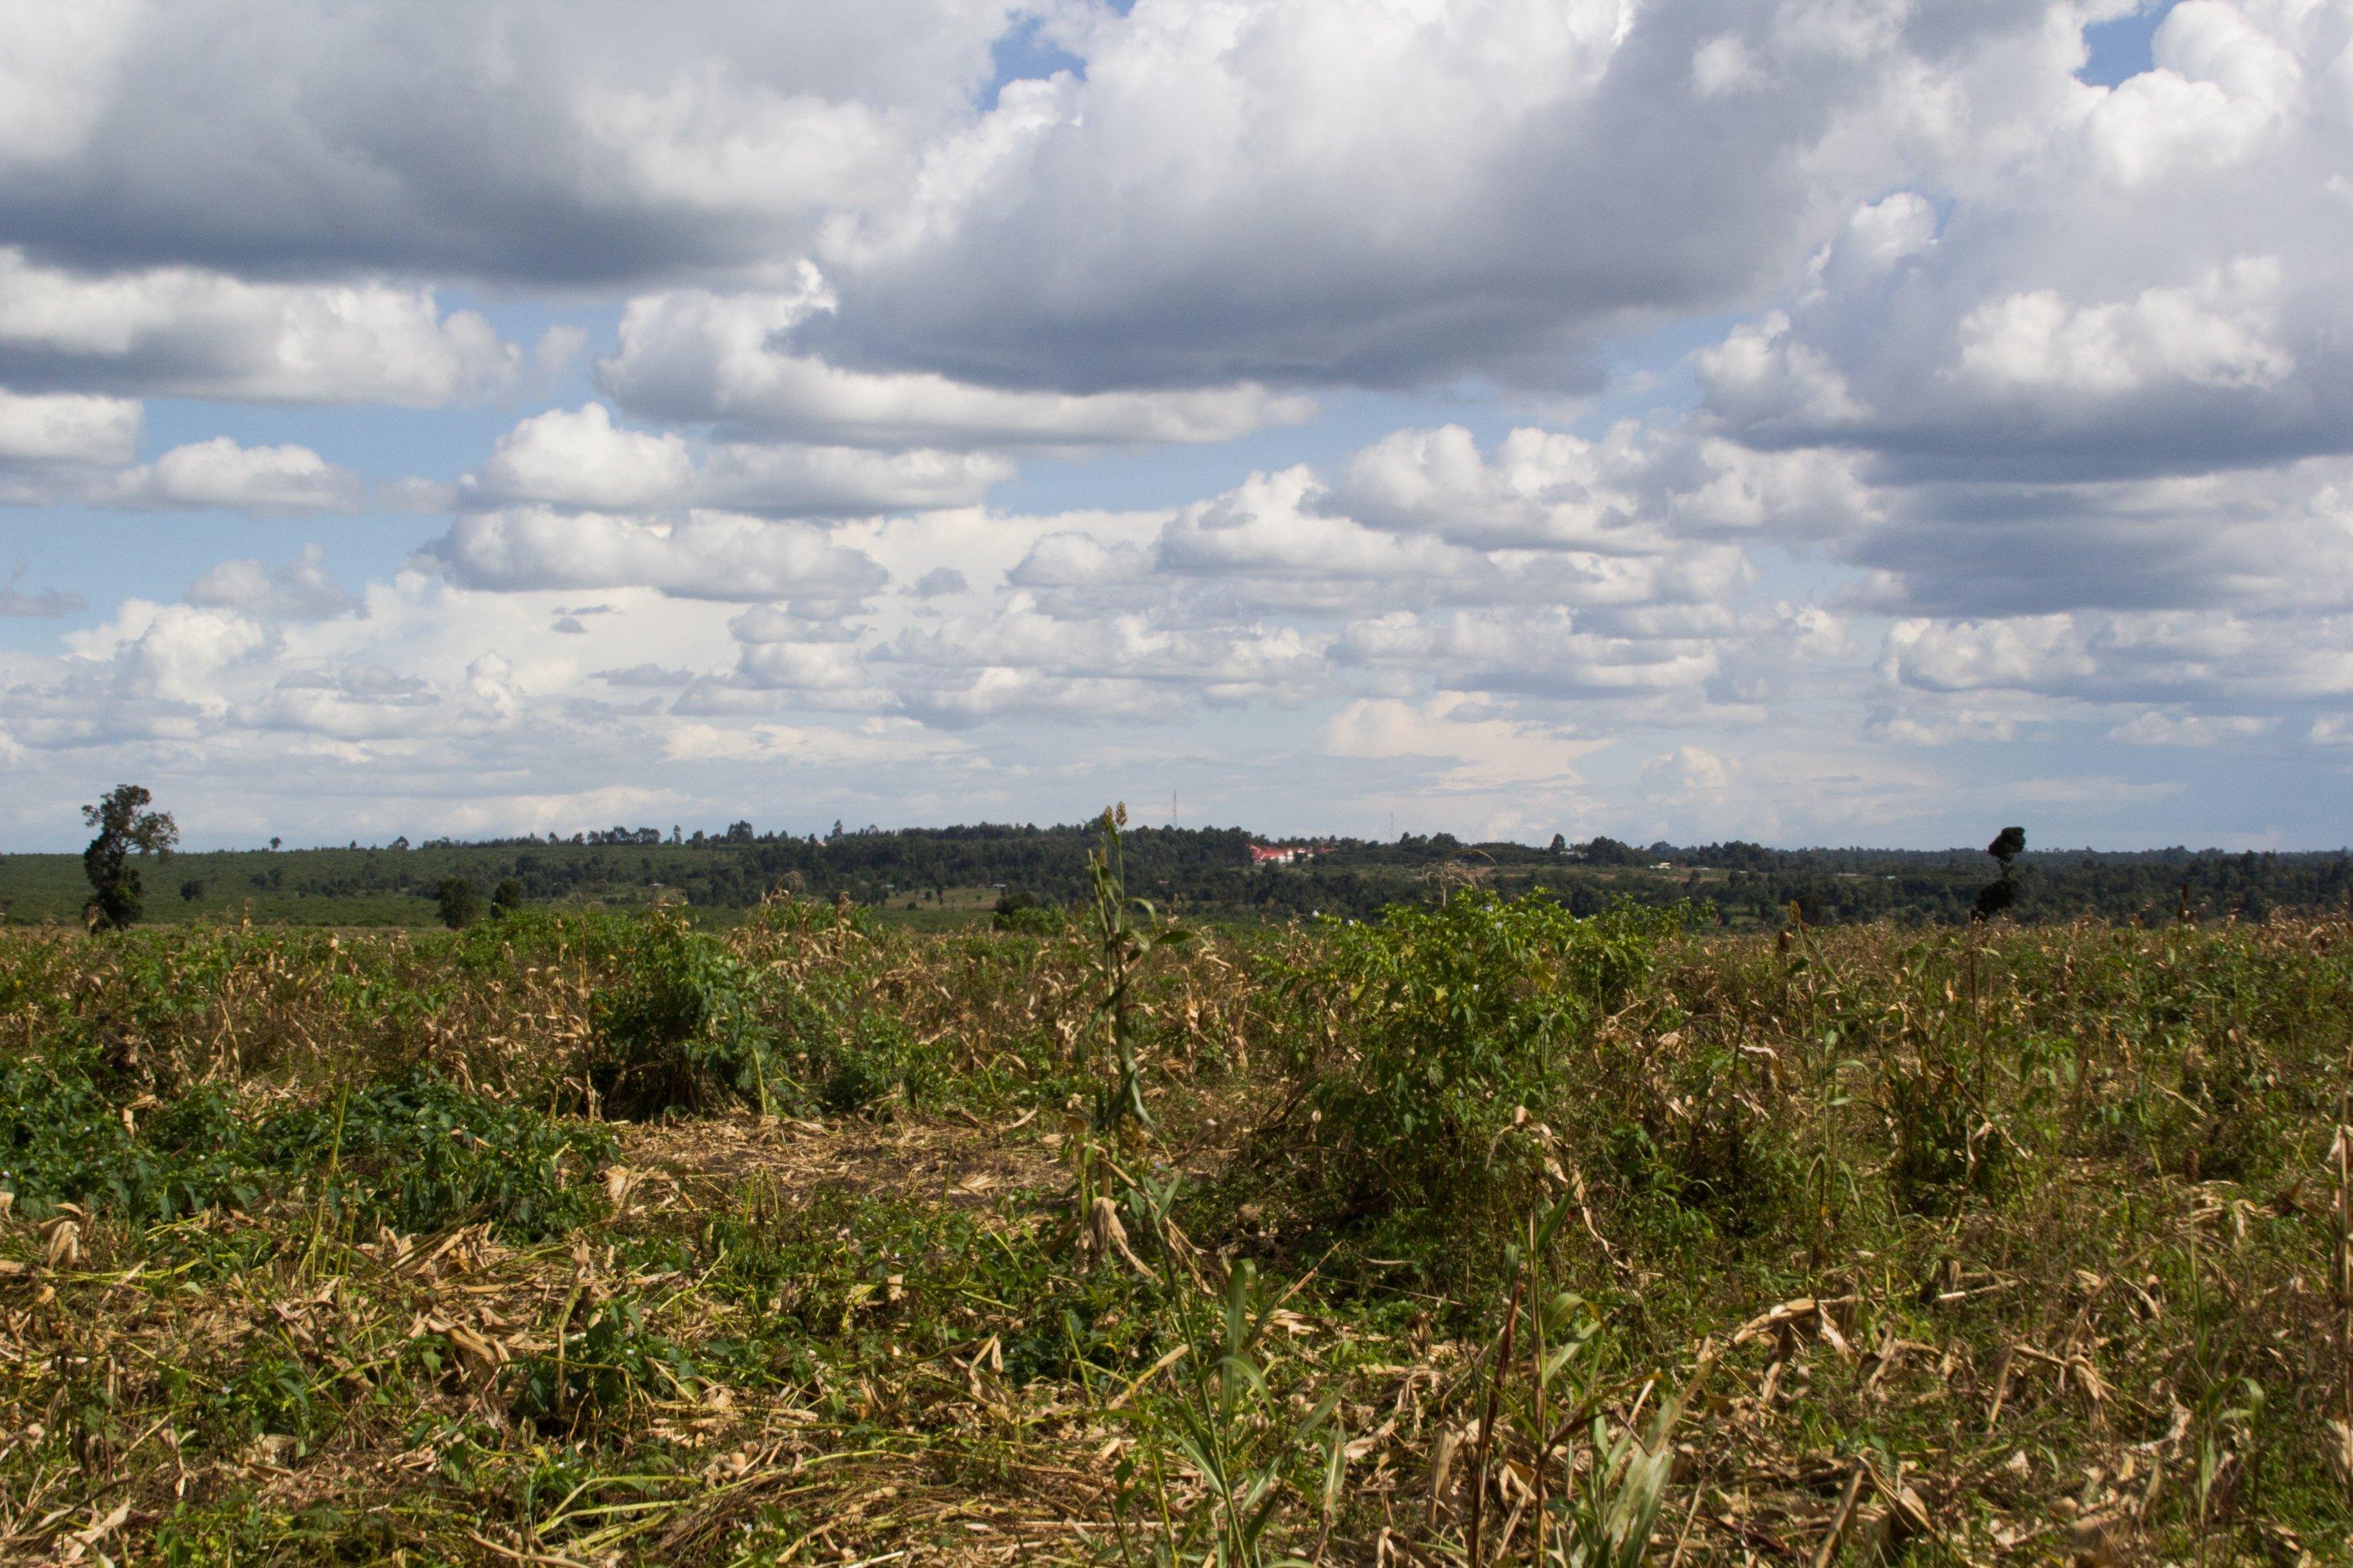 Im Vordergrund ist ein abgeerntetes Maisfeld zu sehen, im Hintergrund ein paar Bäume, zwischen den Bäumen einige Häuser.